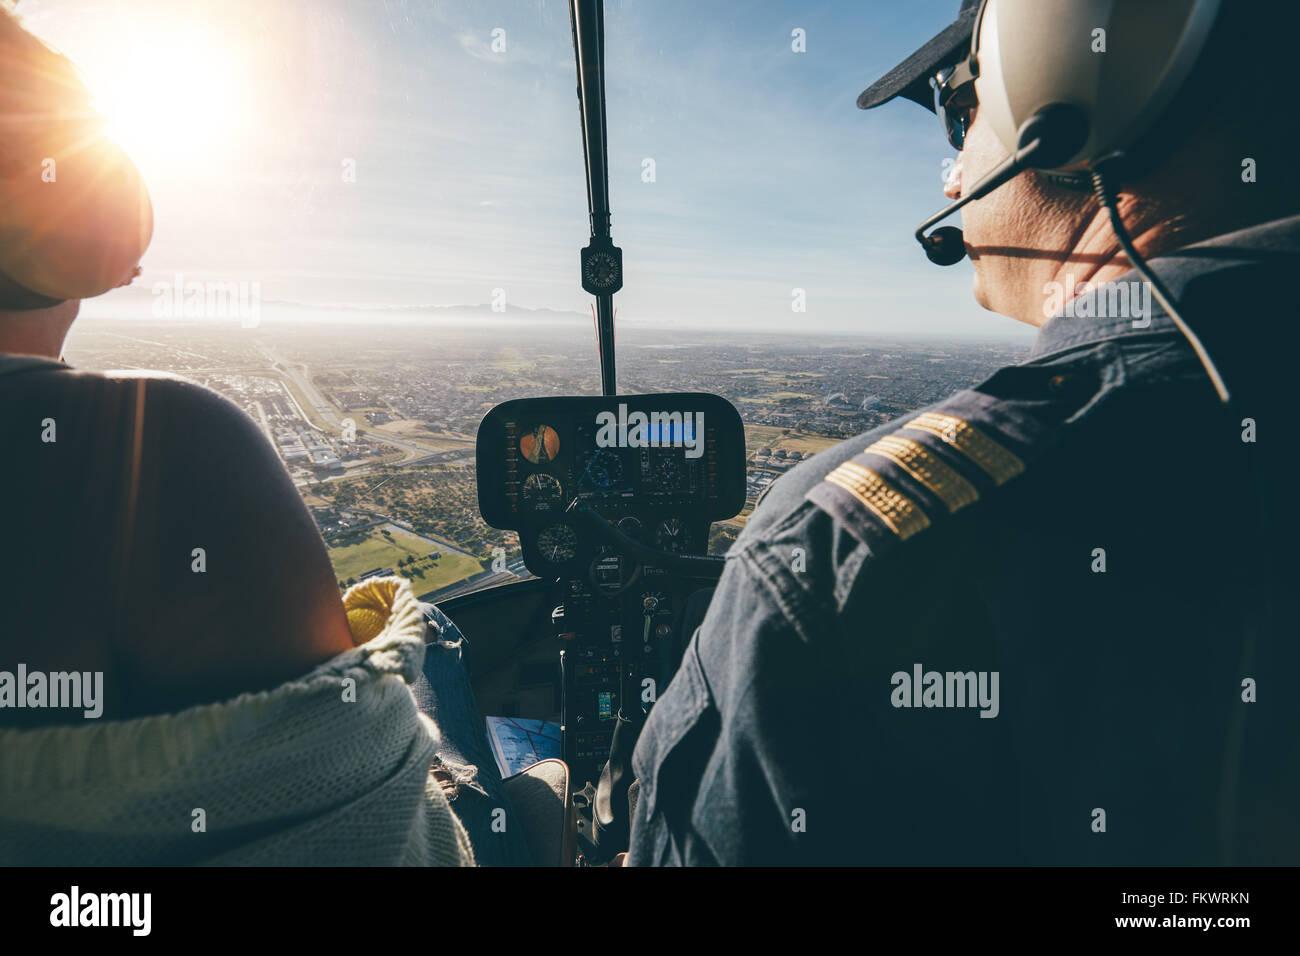 Vista trasera de dos pilotos volar un helicóptero en día soleado. Primer plano de pilotos sentado en la Imagen De Stock